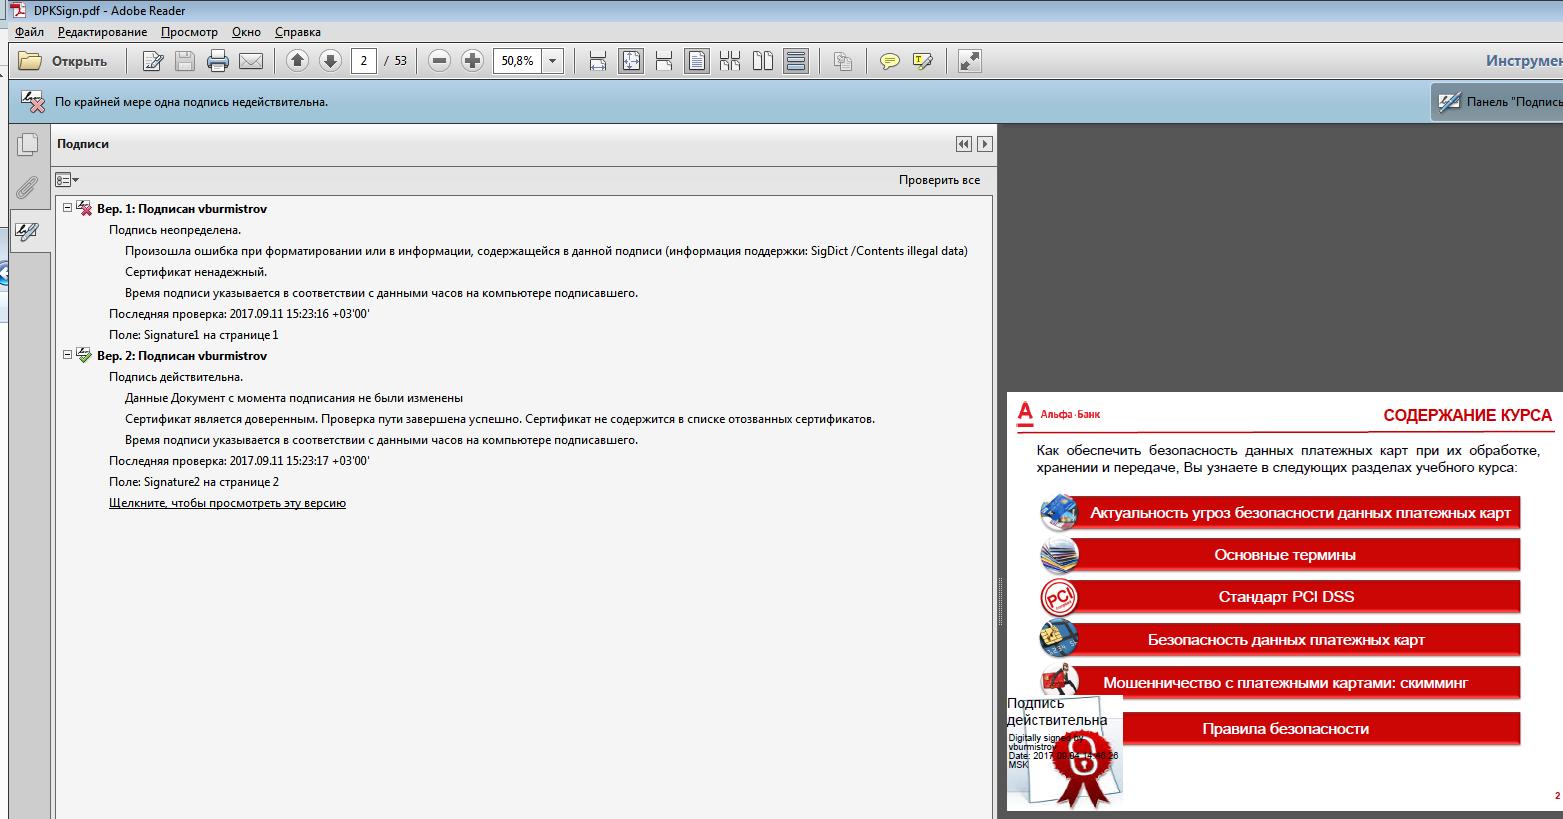 Как на Java c помощью КриптоПро подписать документ PDF - 6